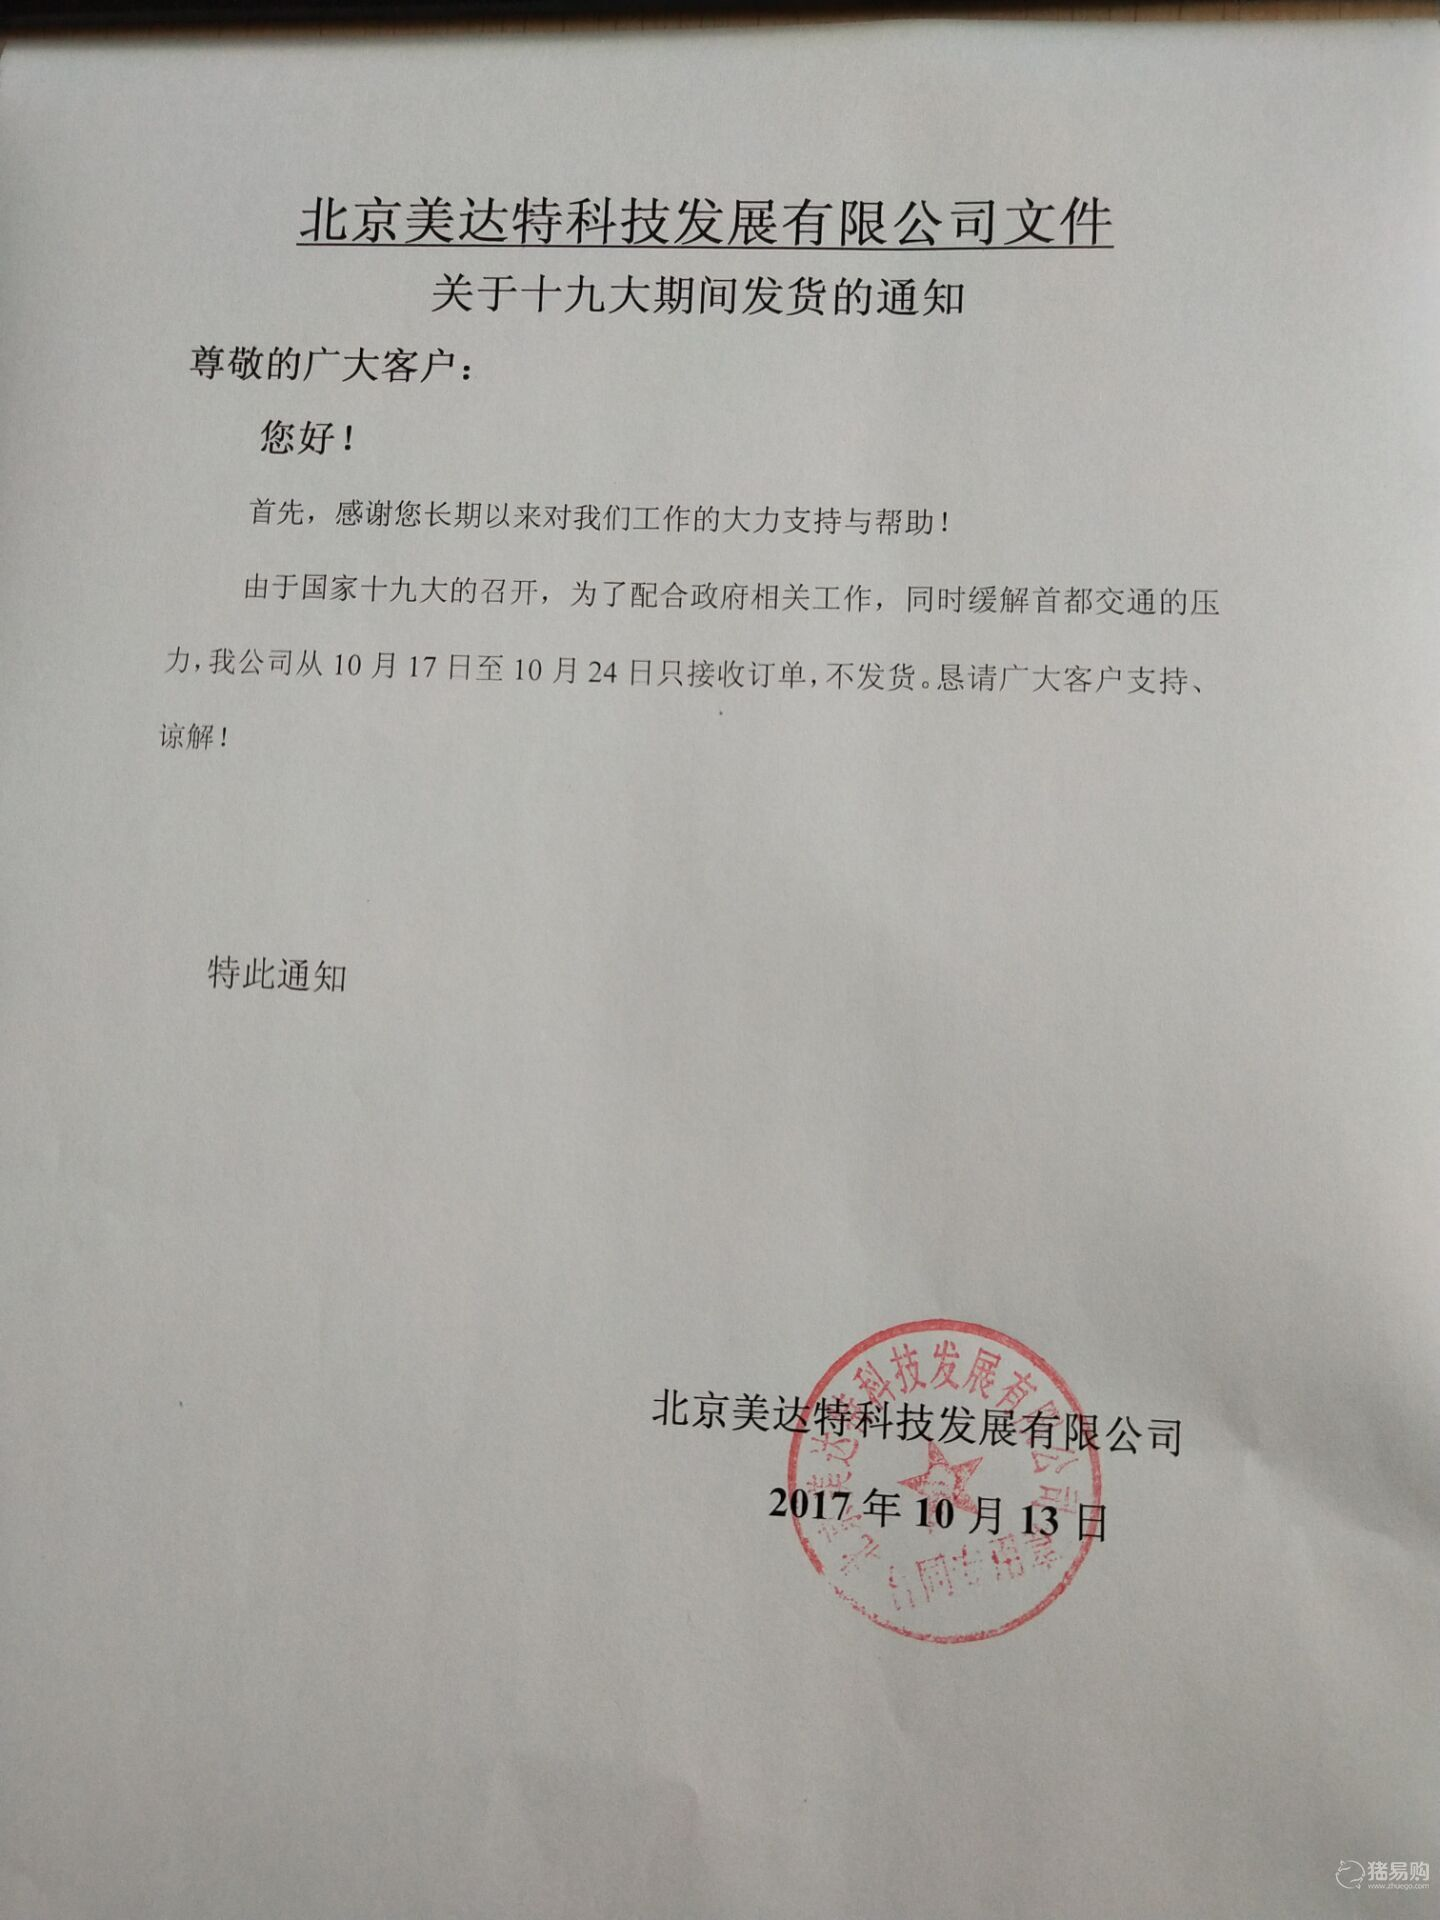 【通知】北京美达特科技发货延迟通知